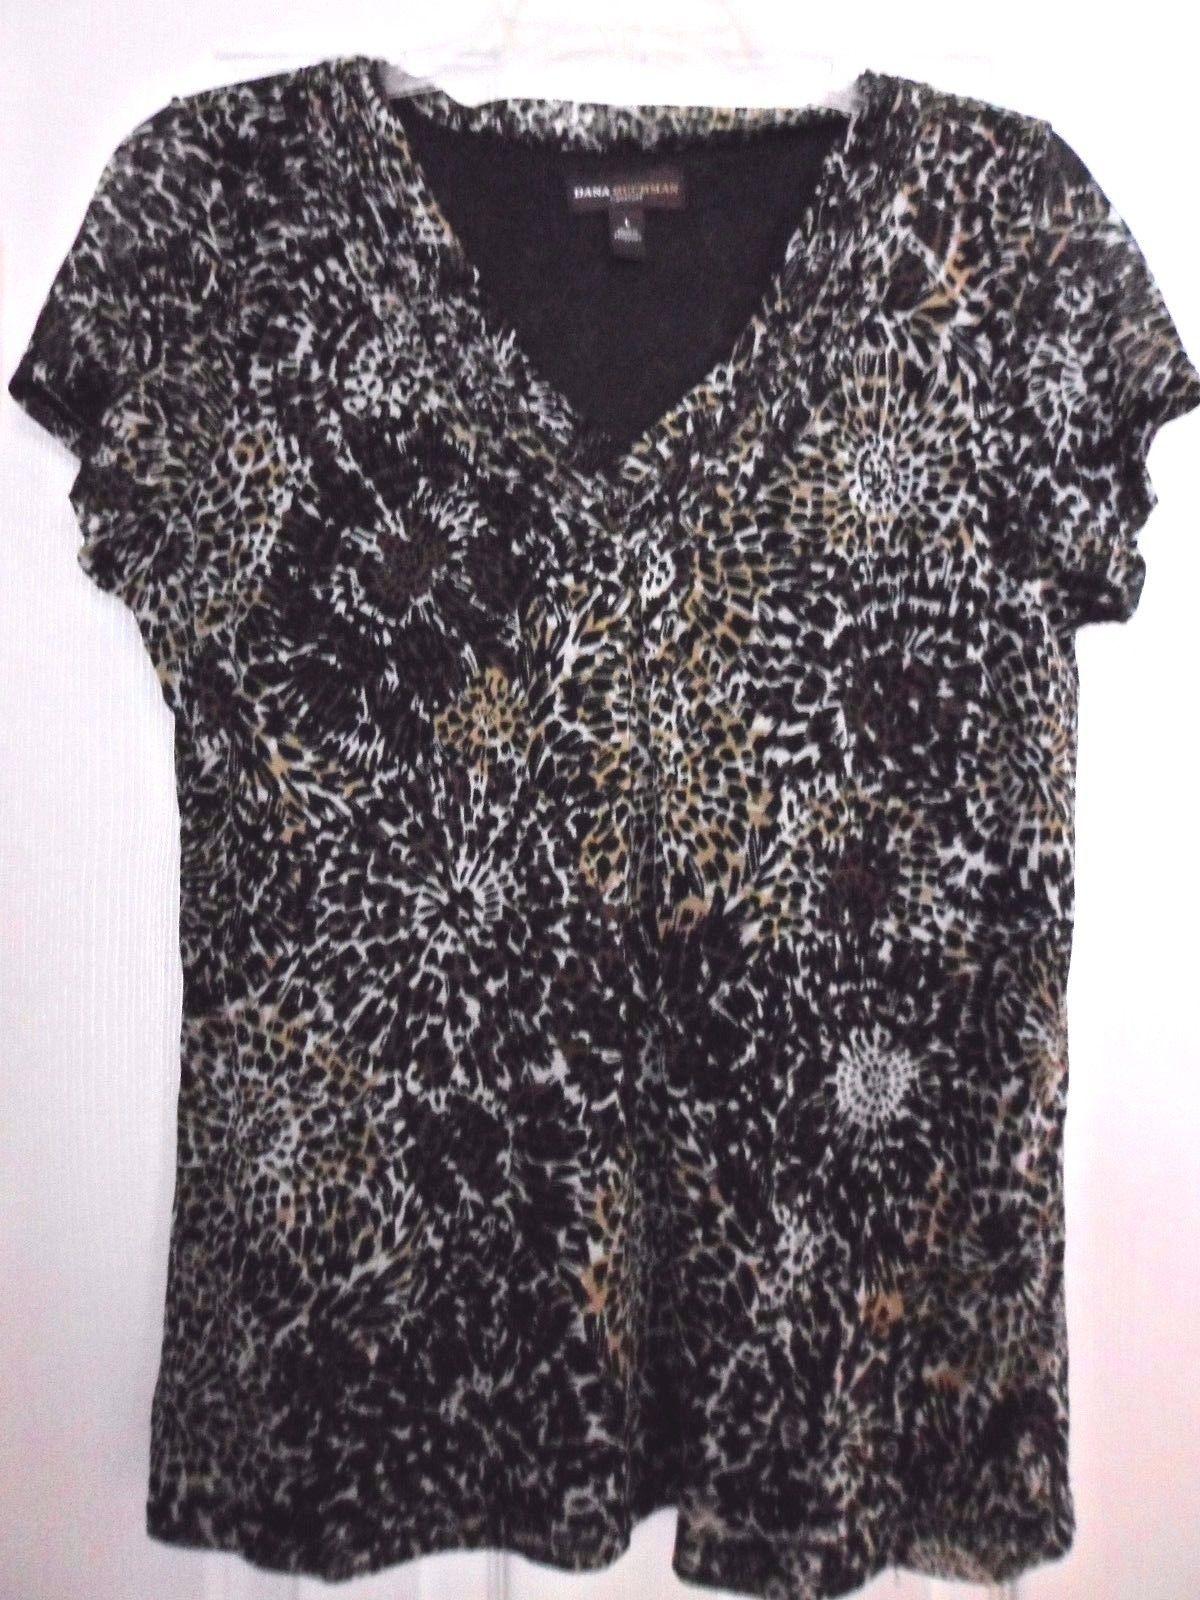 8fe134654b07c S l1600. S l1600. Previous. Dana Buckman Women s Short Sleeve V Neck Animal  Print Blouse L Large